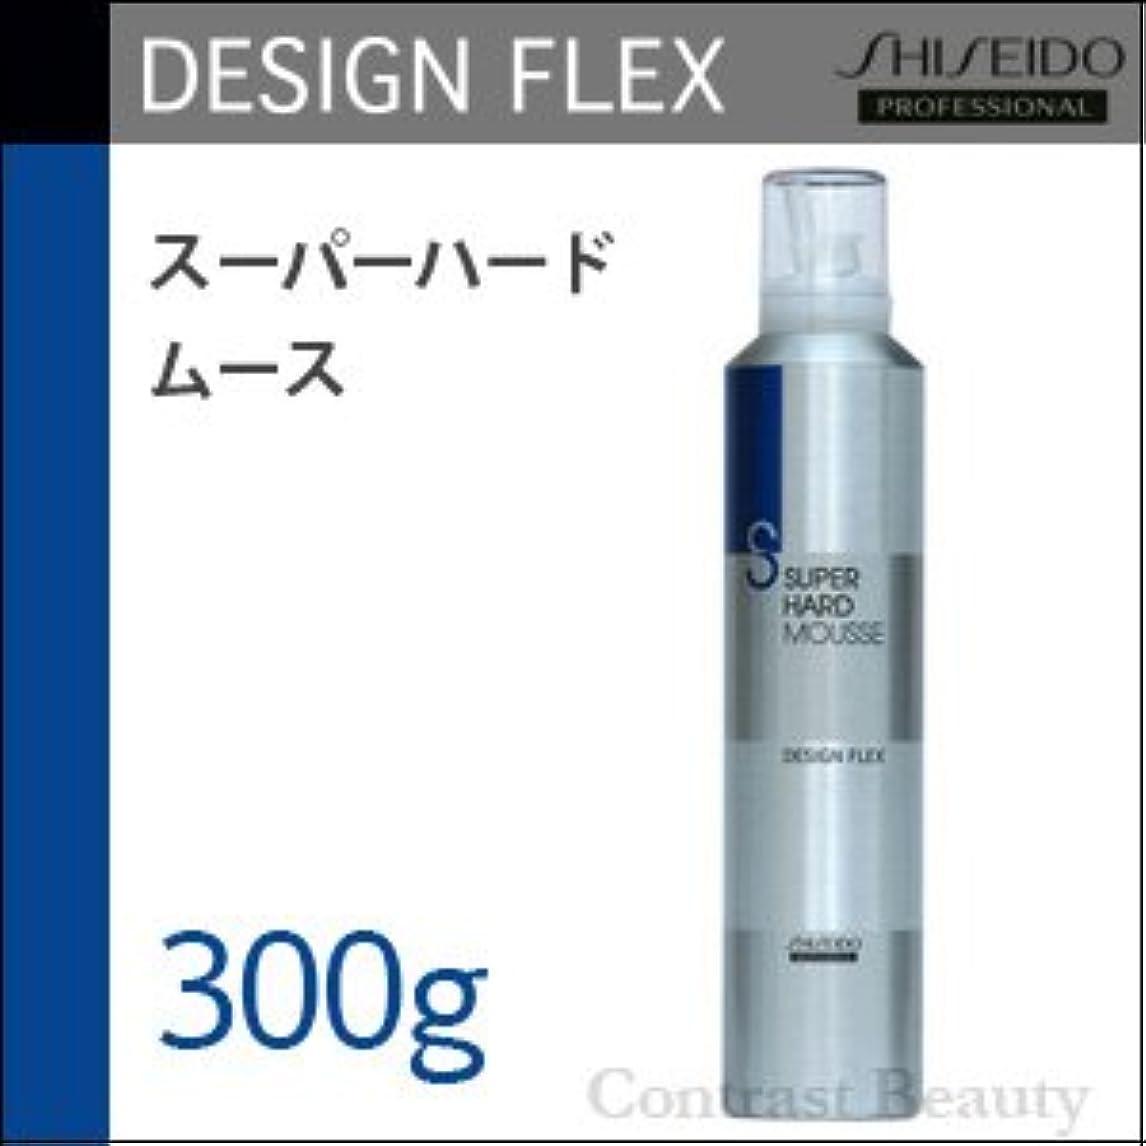 分析する大臣封建【x2個セット】 資生堂 デザインフレックス スーパーハードムース 300g